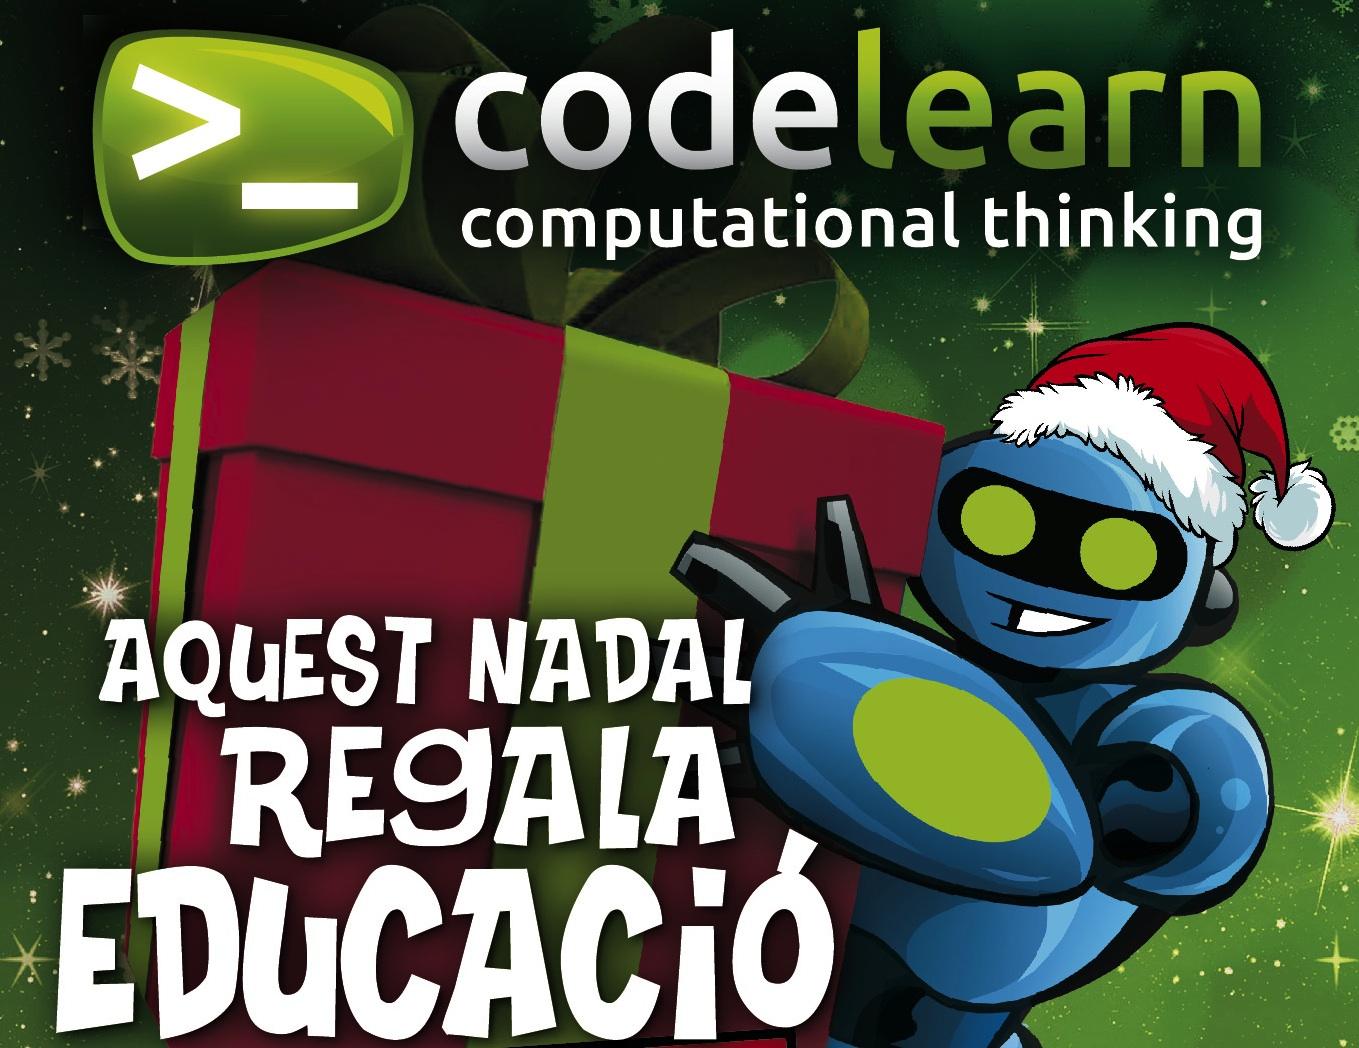 Aquest Nadal regala educació, regala Codelearn